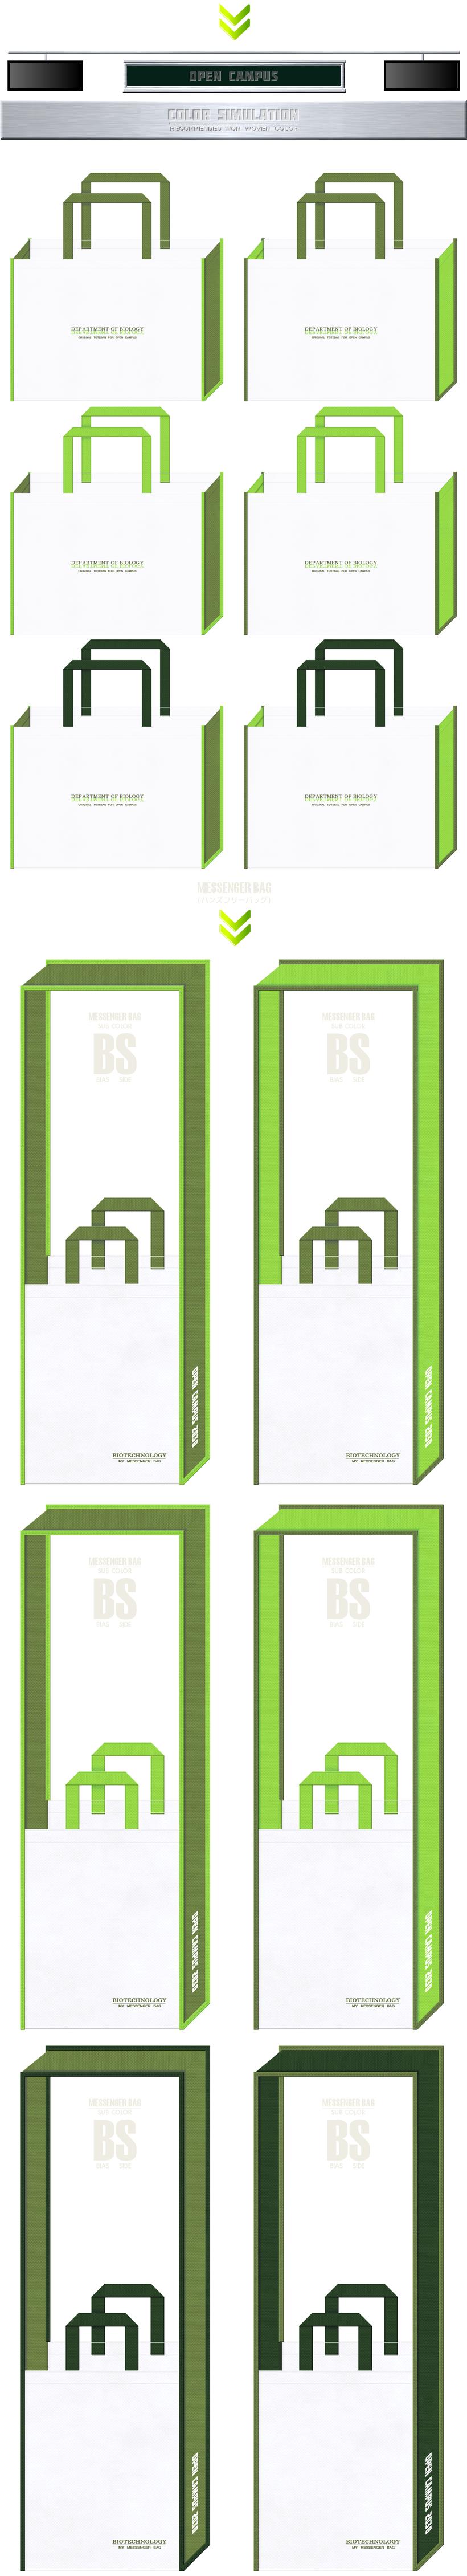 白色と草色をメインに使用した、不織布バッグのカラーシミュレーション(生物学・バイオテクノロジー・バイオメカニクス):オープンキャンパスの不織布バッグ